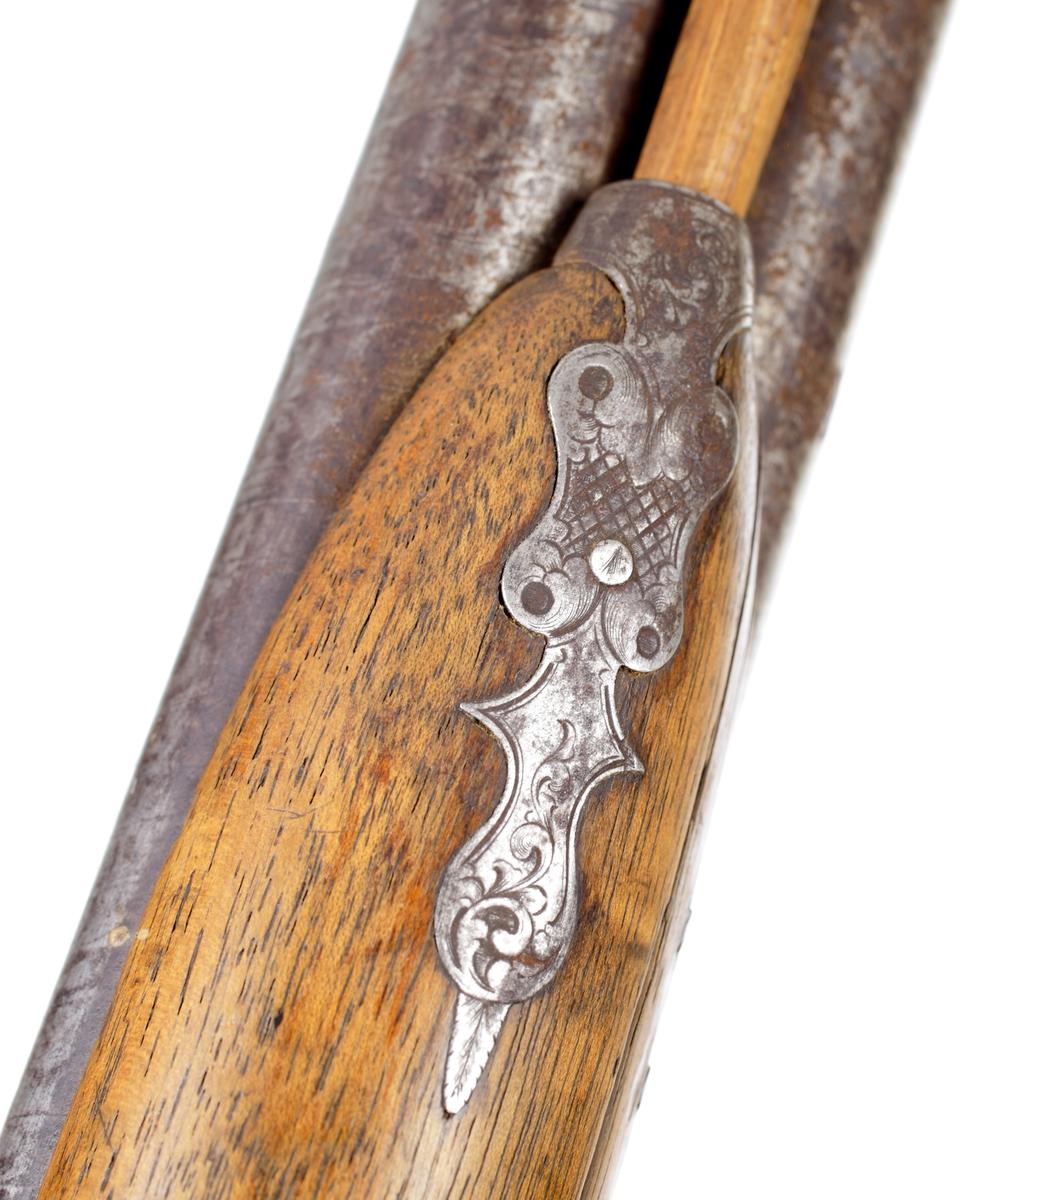 Dubbelpipigt jaktgevär försett med slaglås. Kolv och stock är fernissade och saknar dekor. Låsbleck, varbygel, hanar och bakplåt är graverade med bladmotiv. Kolven har en slät bakplåt, förutom delen som går upp över kolvryggen, som är graverad. Kolven har en slät kolvhals och fäste för bärrem i underkanten. Laddstocken sitter i tre rörkor, varav den mellersta har en byglel för bärrem. Geväret är försett med ett filat gropsikte och korn i mässing placerat mellan piporna strax bakom mynningarna. Piporna är damaskerade och runda i utförandet, och slätborrade med en innerdiameter på ca. 17 mm. Inskrivet i huvudkatalog 1969.